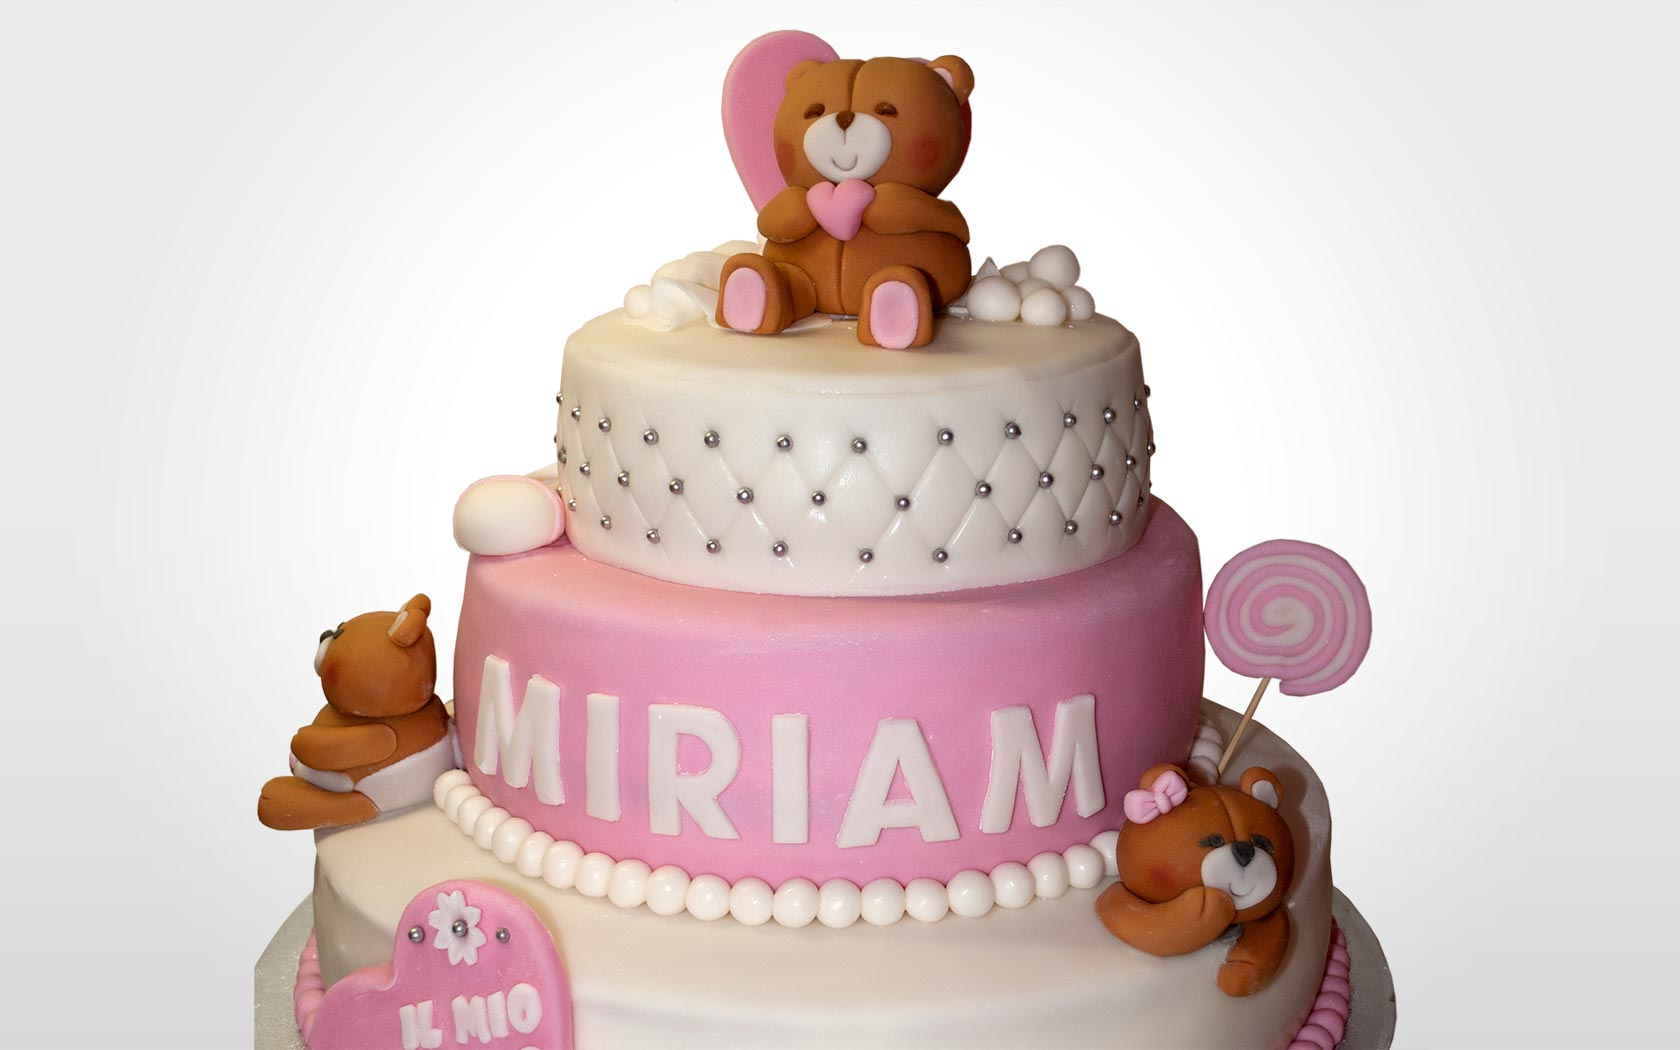 Favoloso Torta di Battesimo con orsetti   Manuela Raselli   Cake & Web Design BX78